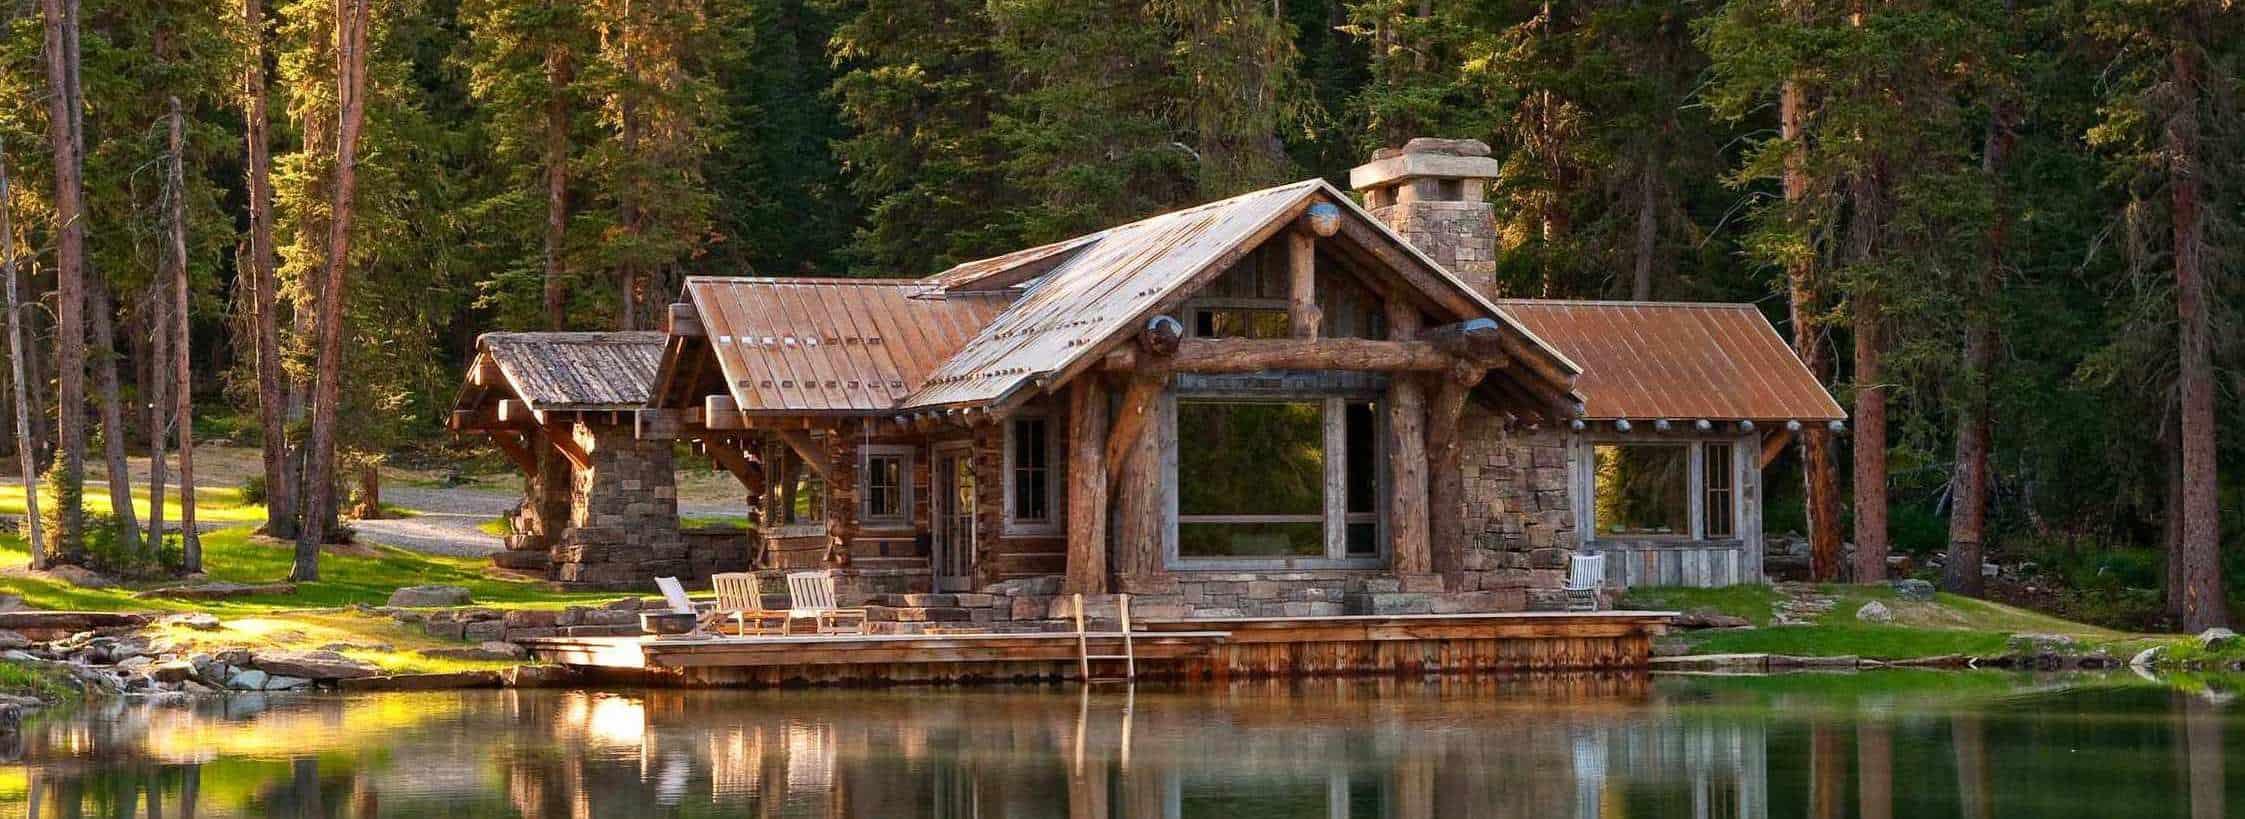 Стиль шале в интерьере загородного дома: приметы альпийского стиля и фото красивых примеров